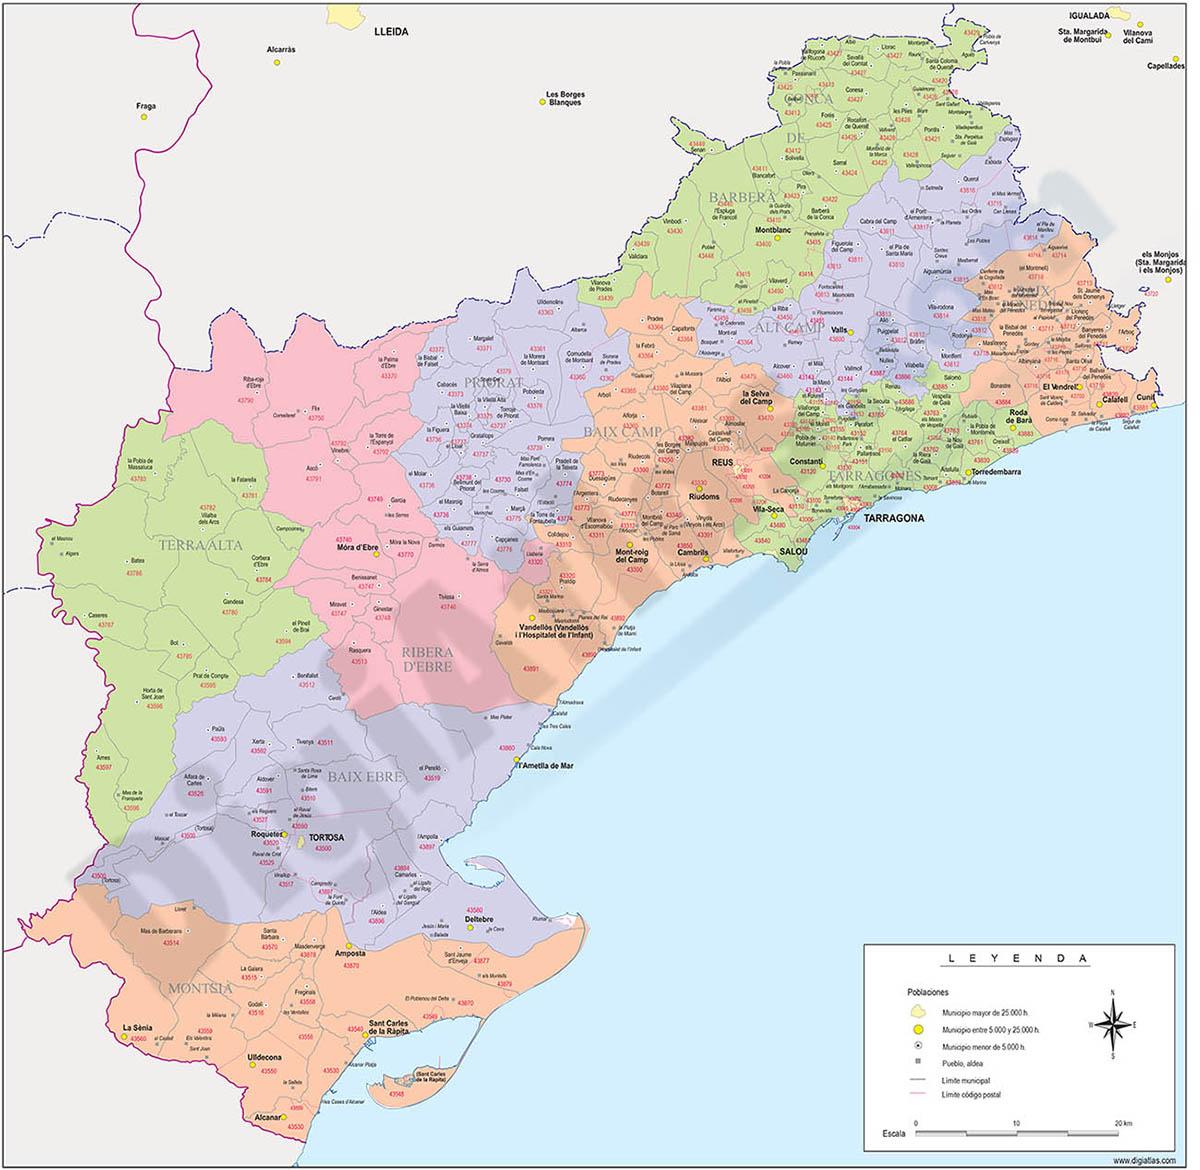 Tarragona - mapa provincial con municipios, comarcas y códigos postales